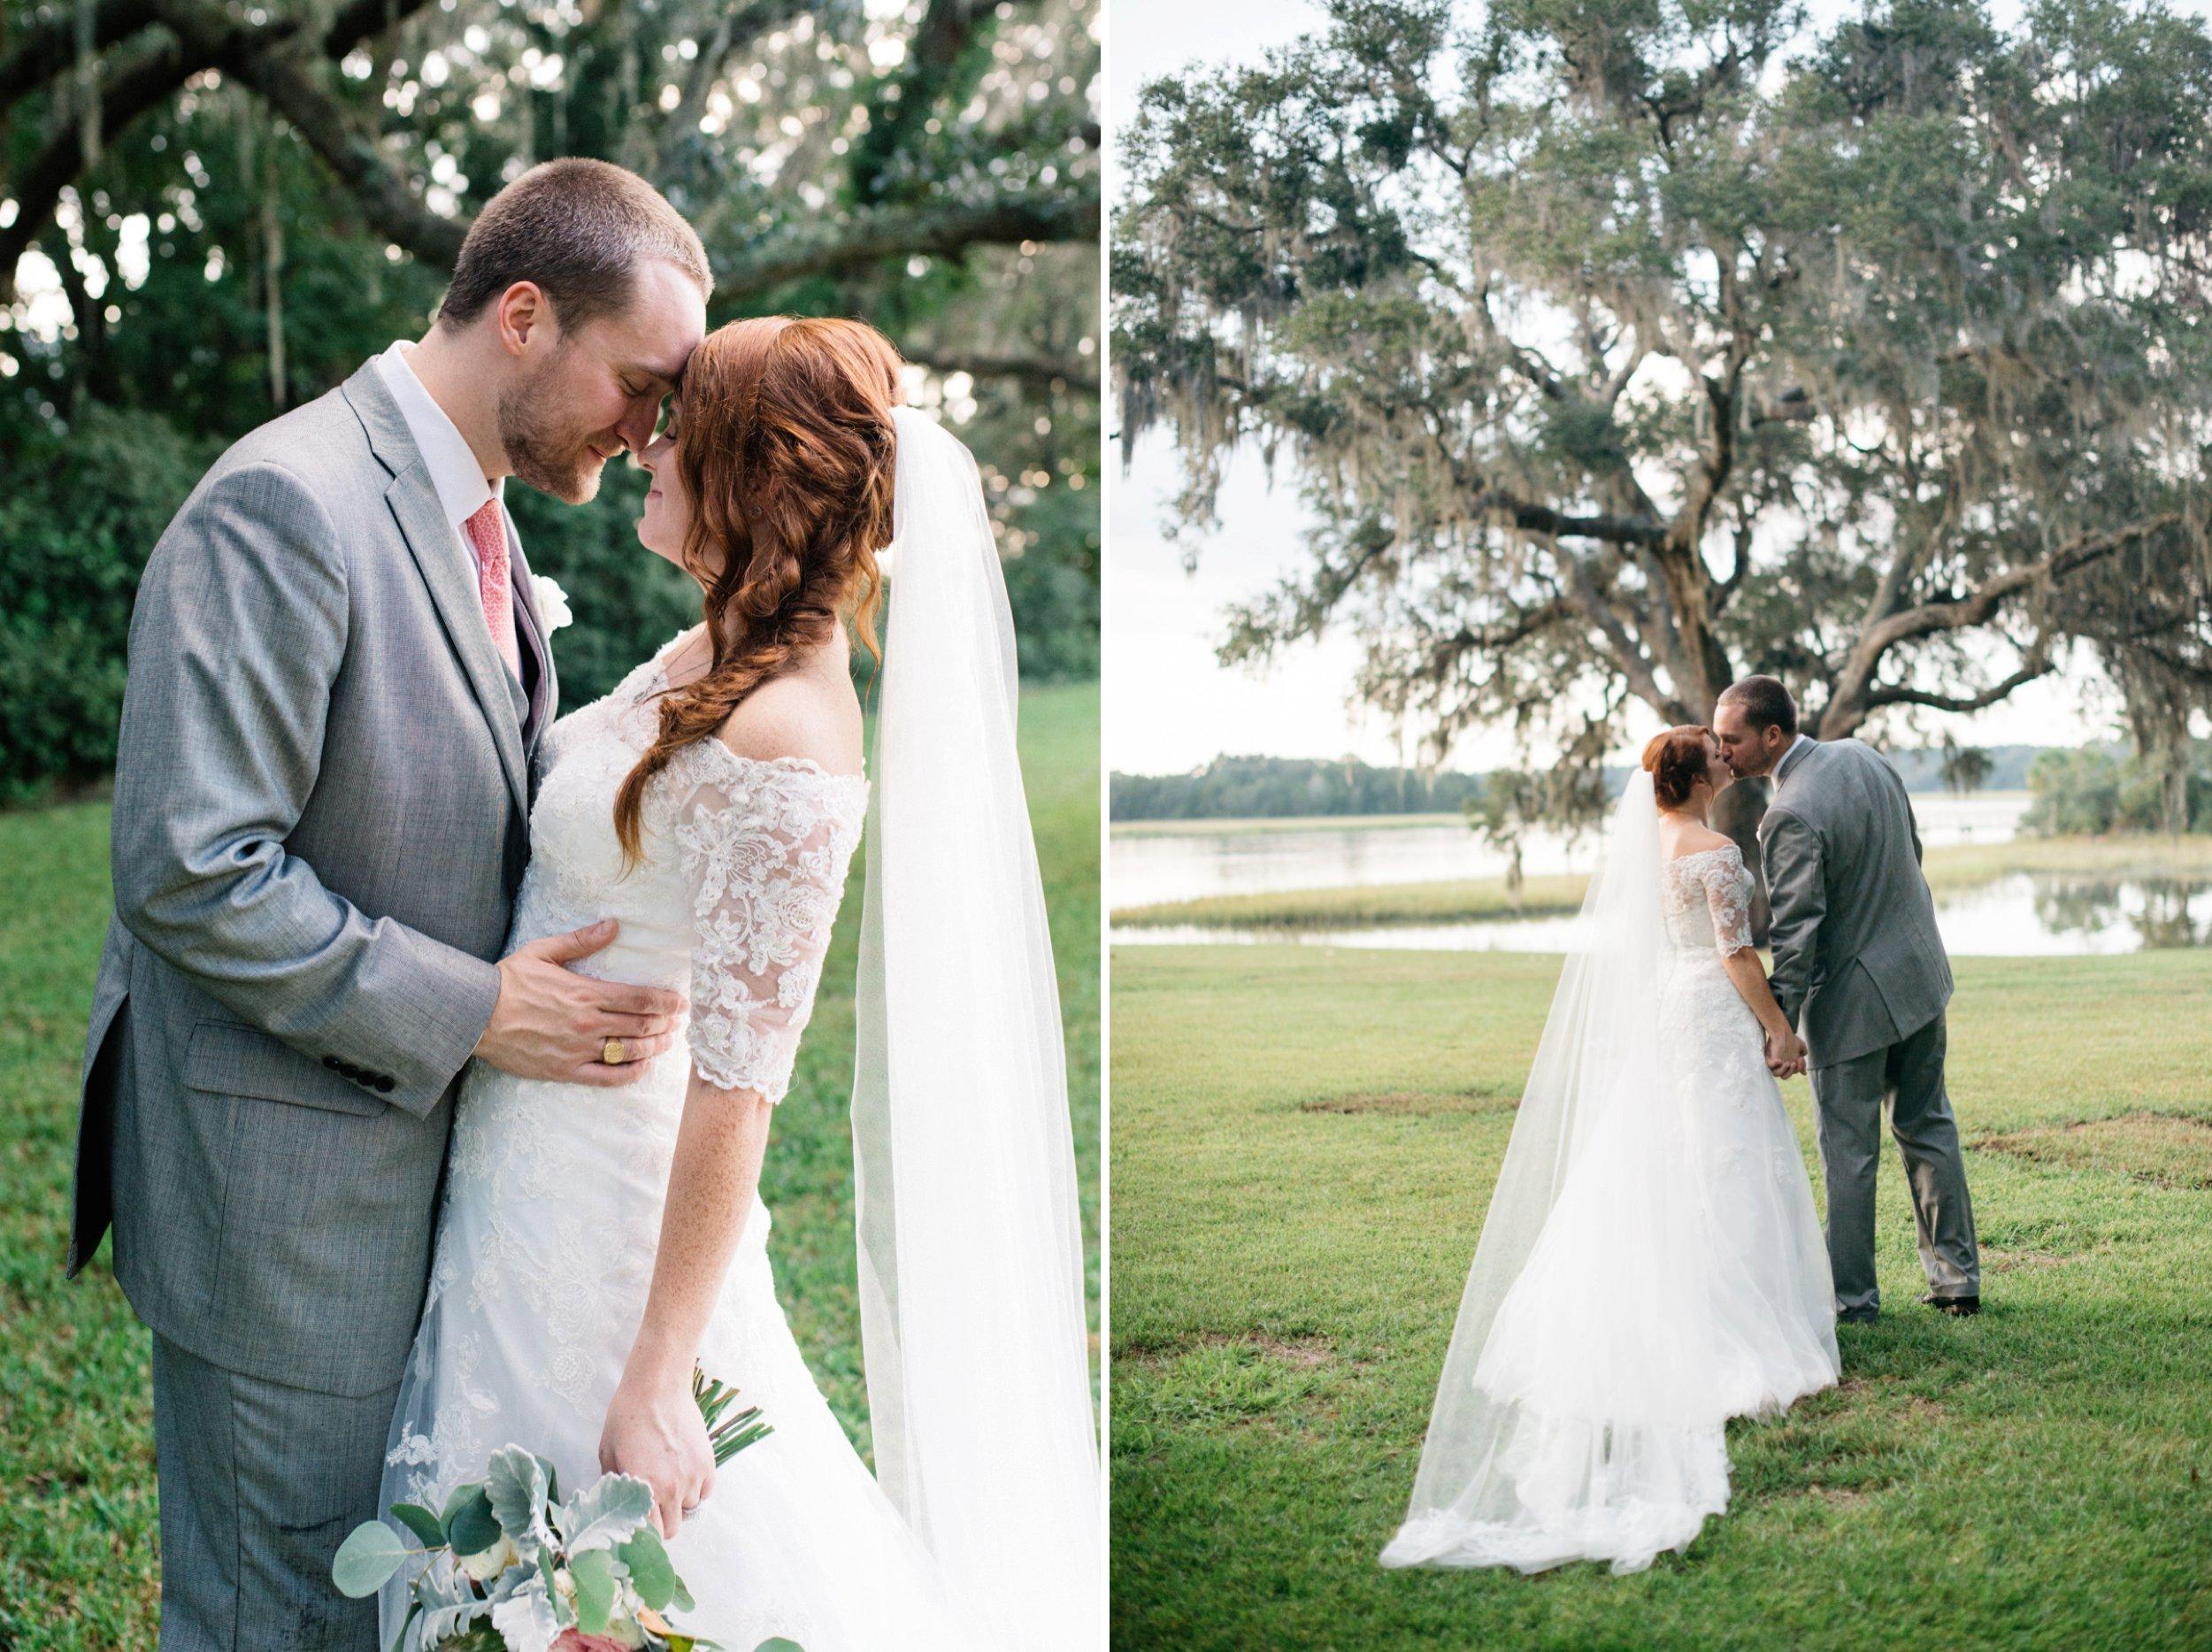 Oak_Pointe_Wedding_0038.jpg